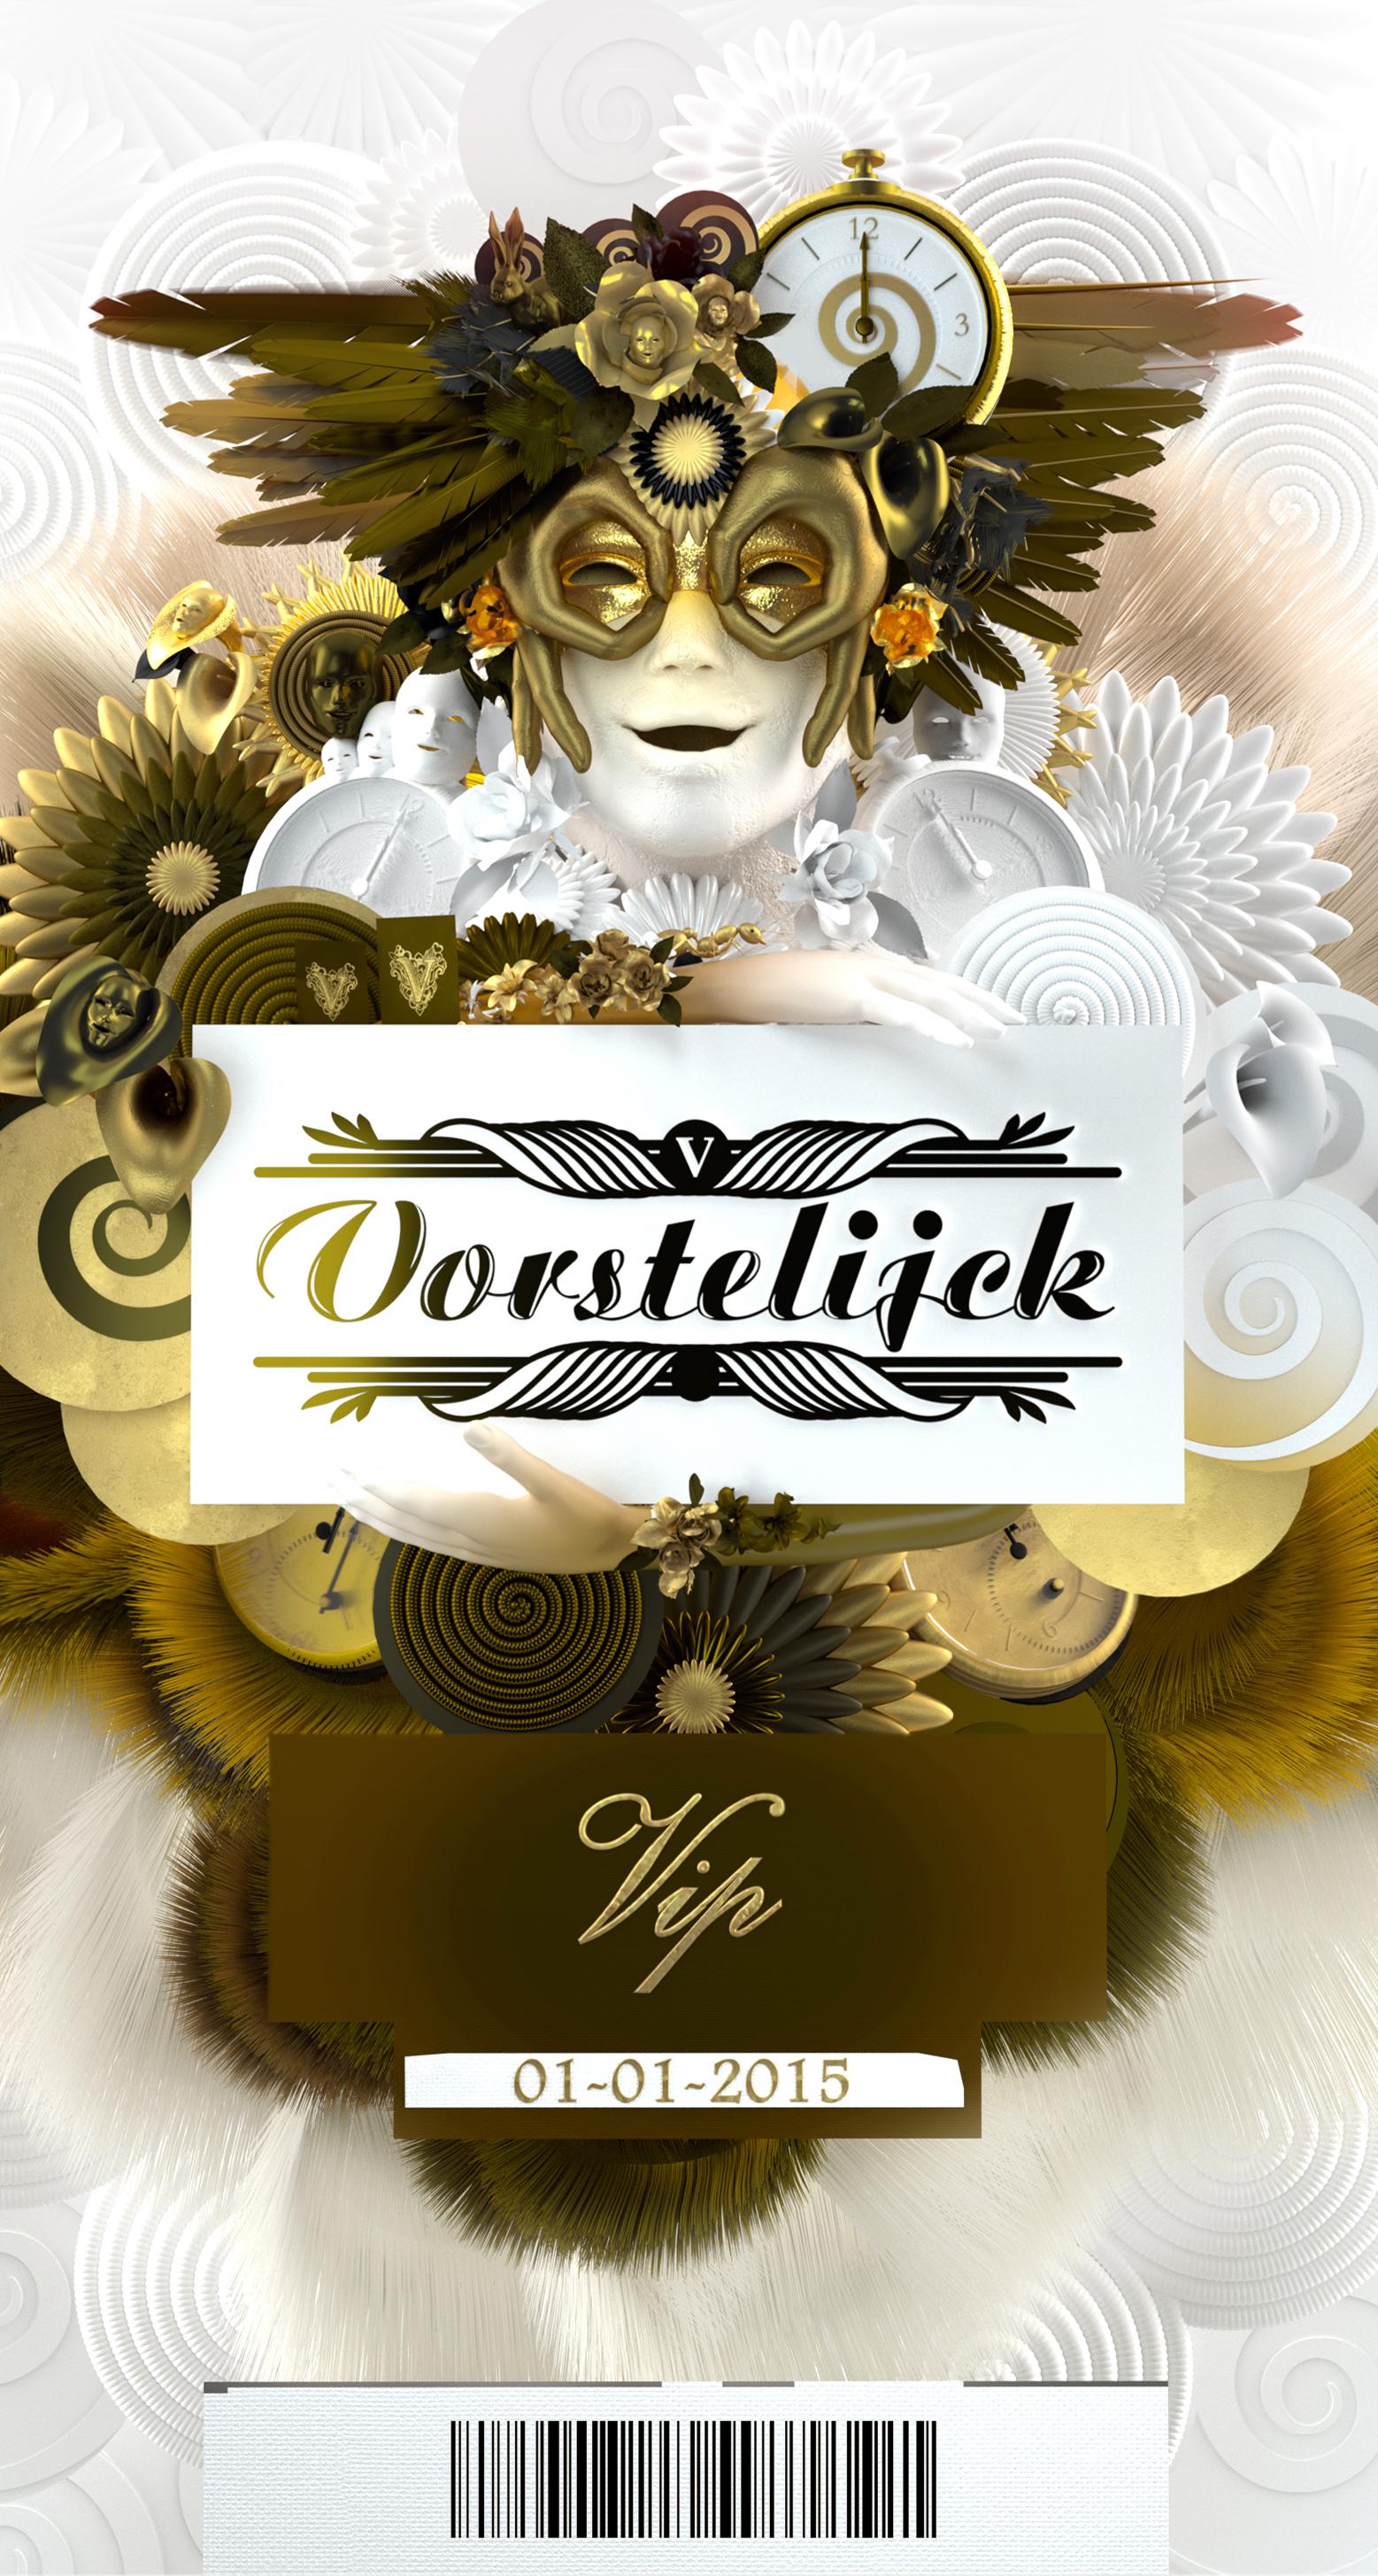 Vorstelijck_22019_ticket_gold.jpg